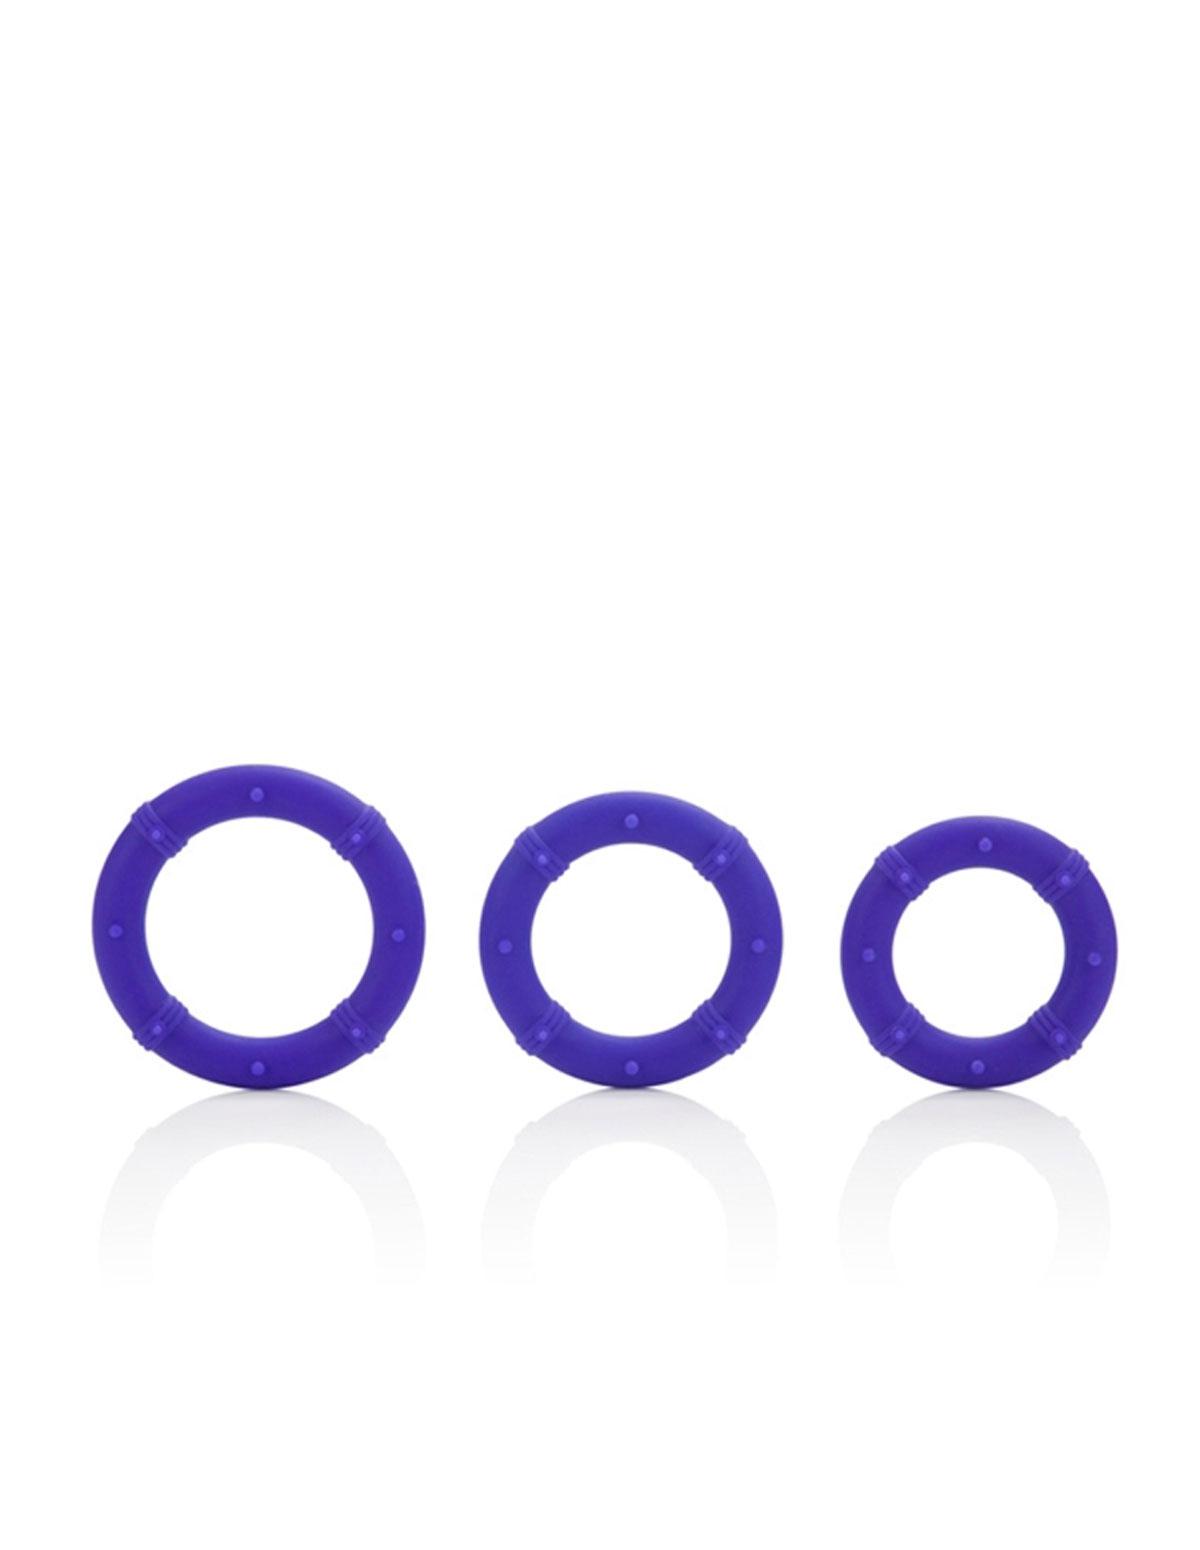 Posh Love Rings